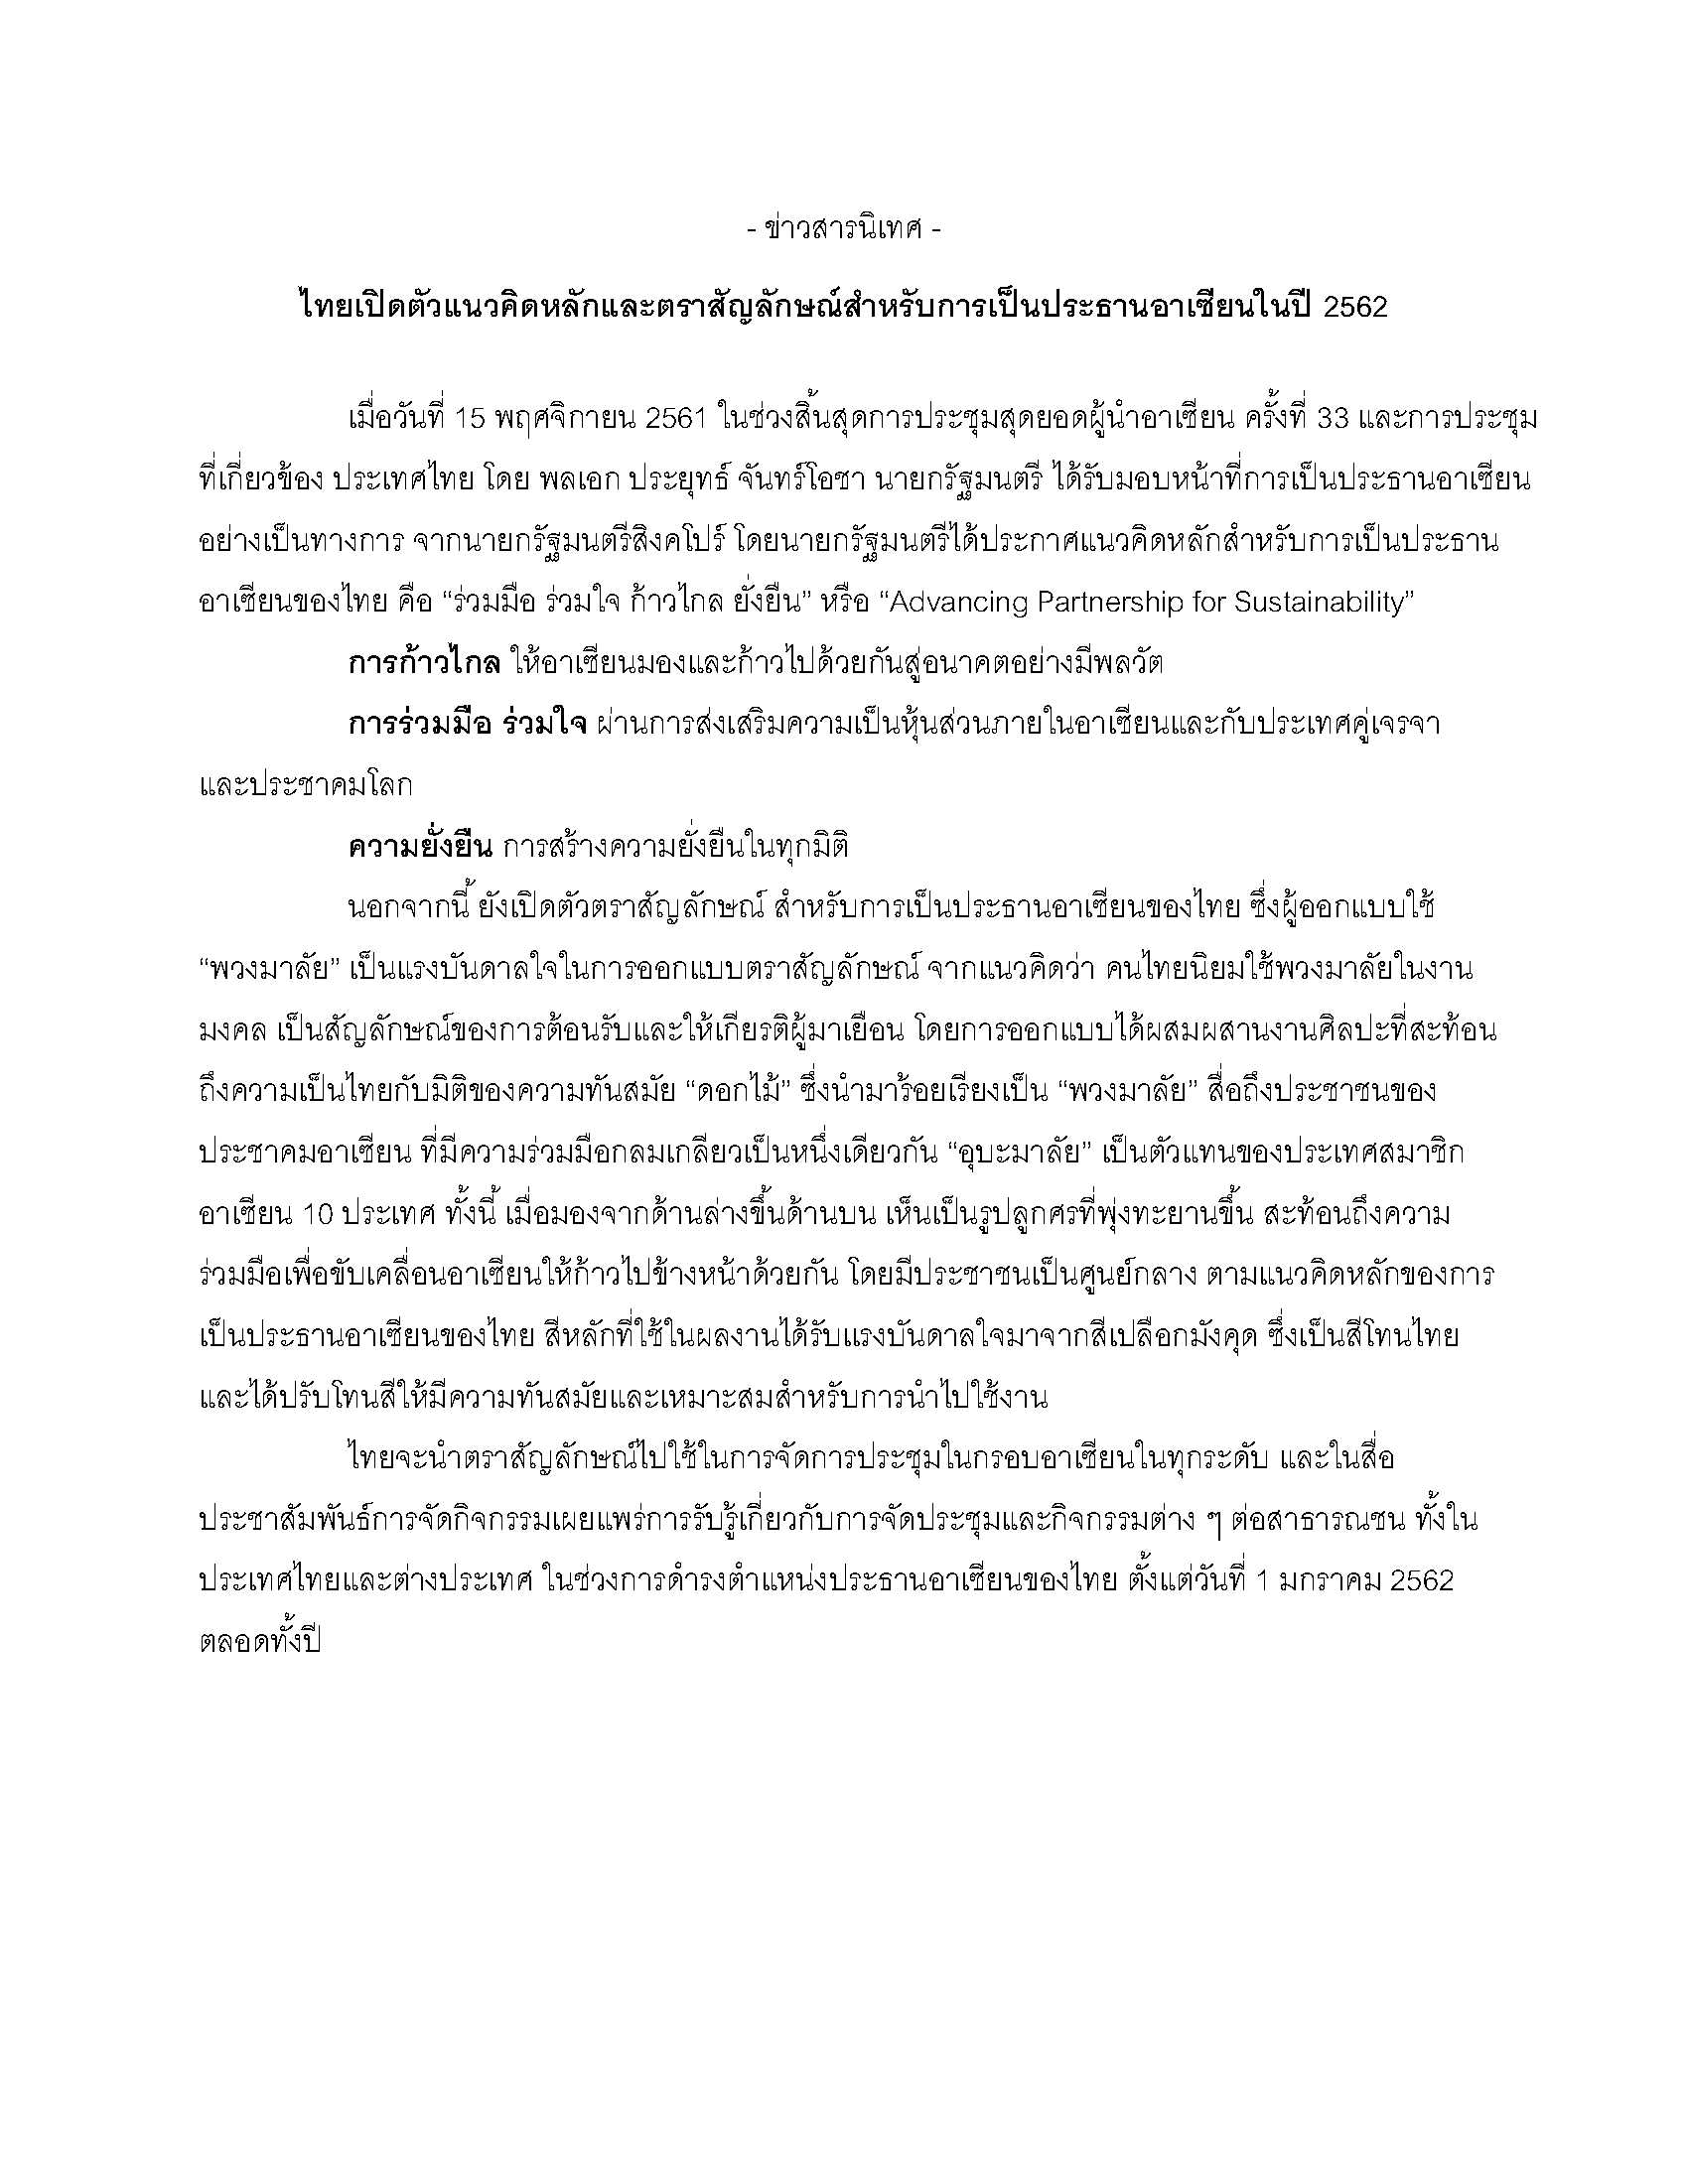 ไทยเปิดตัวแนวคิดหลักและตราสัญลักษณ์สำหรับการเป็นประธานอาเซียนในปี 2562